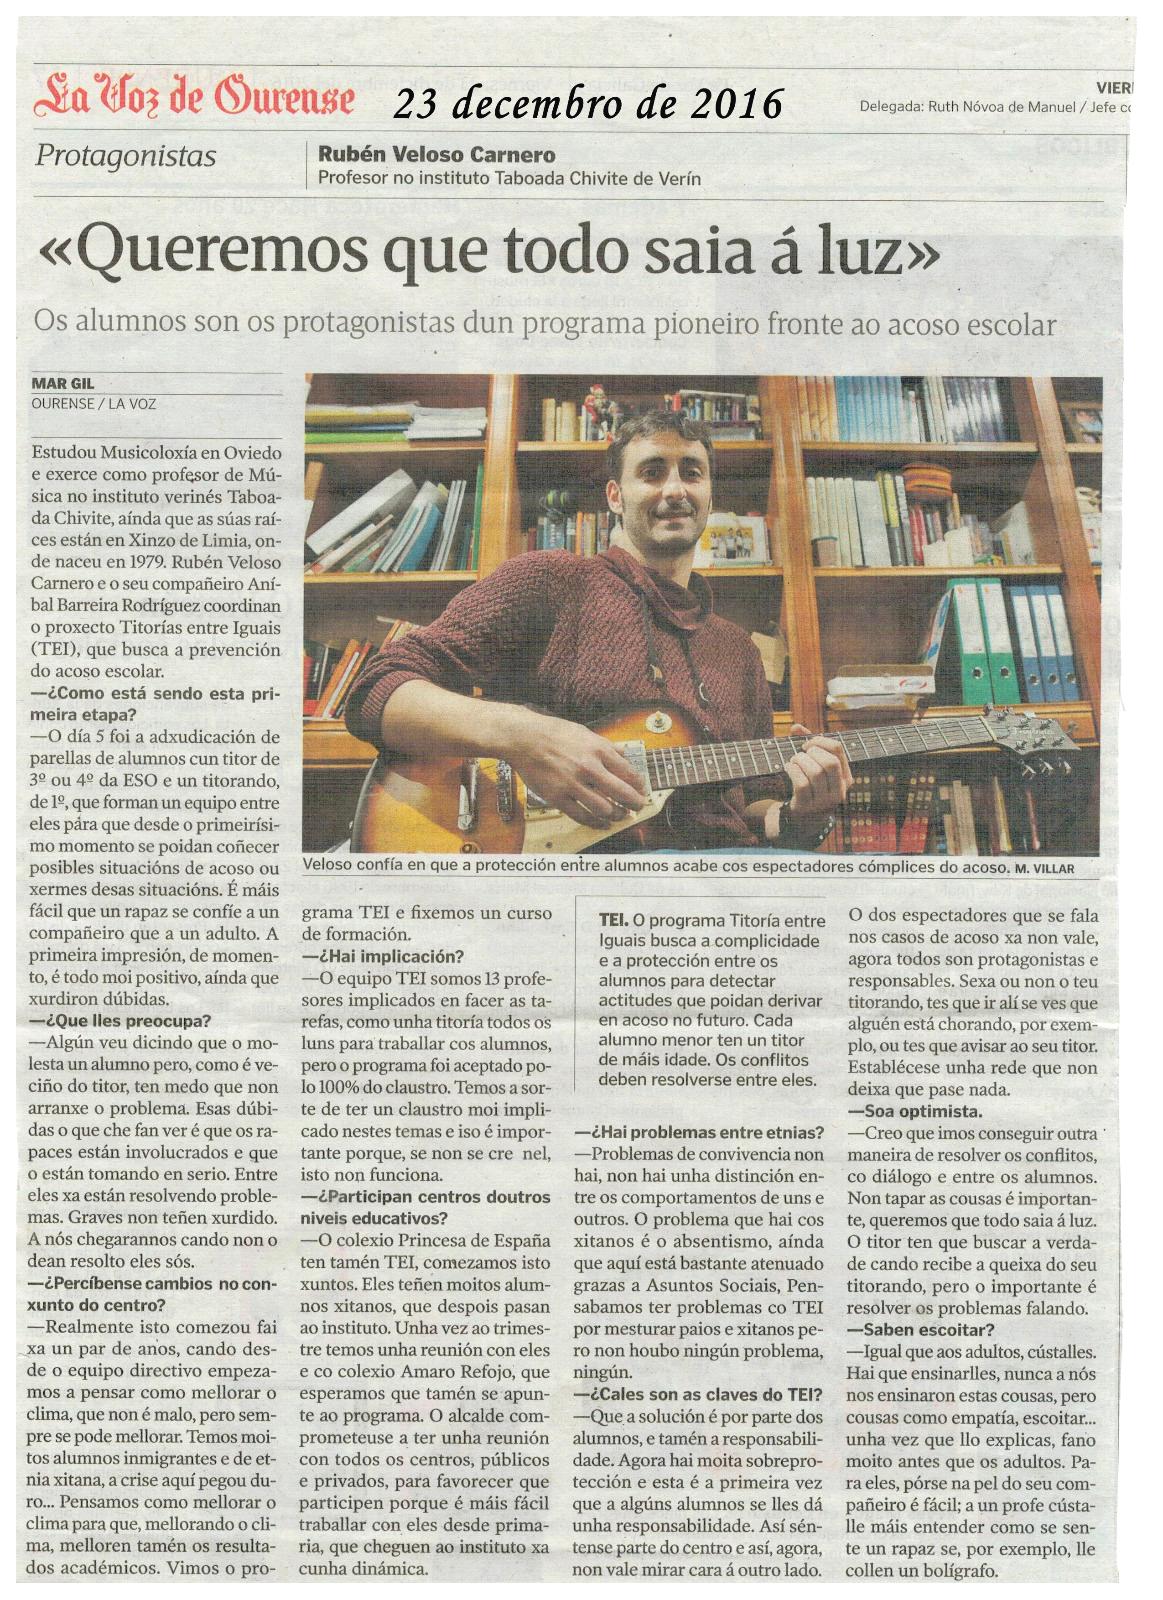 La Voz de Galicia 23-12-16